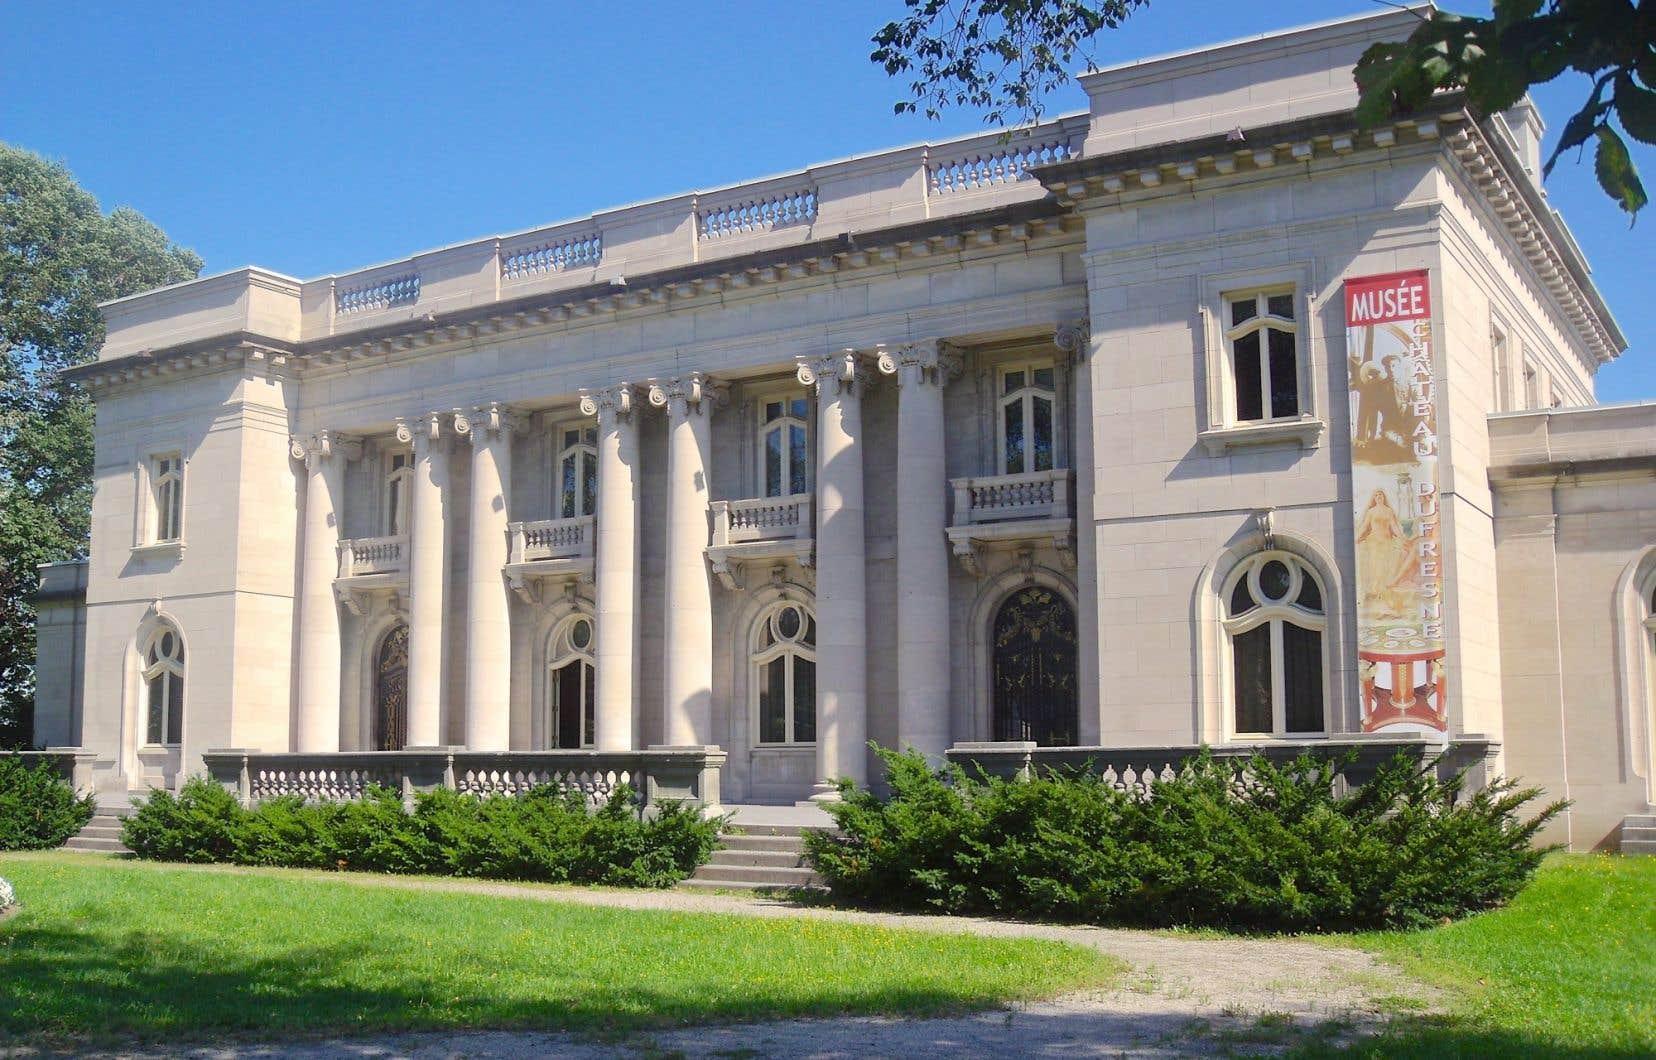 Le musée du château Dufresne s'apellera désormais le Musée Dufresne-Nincheri